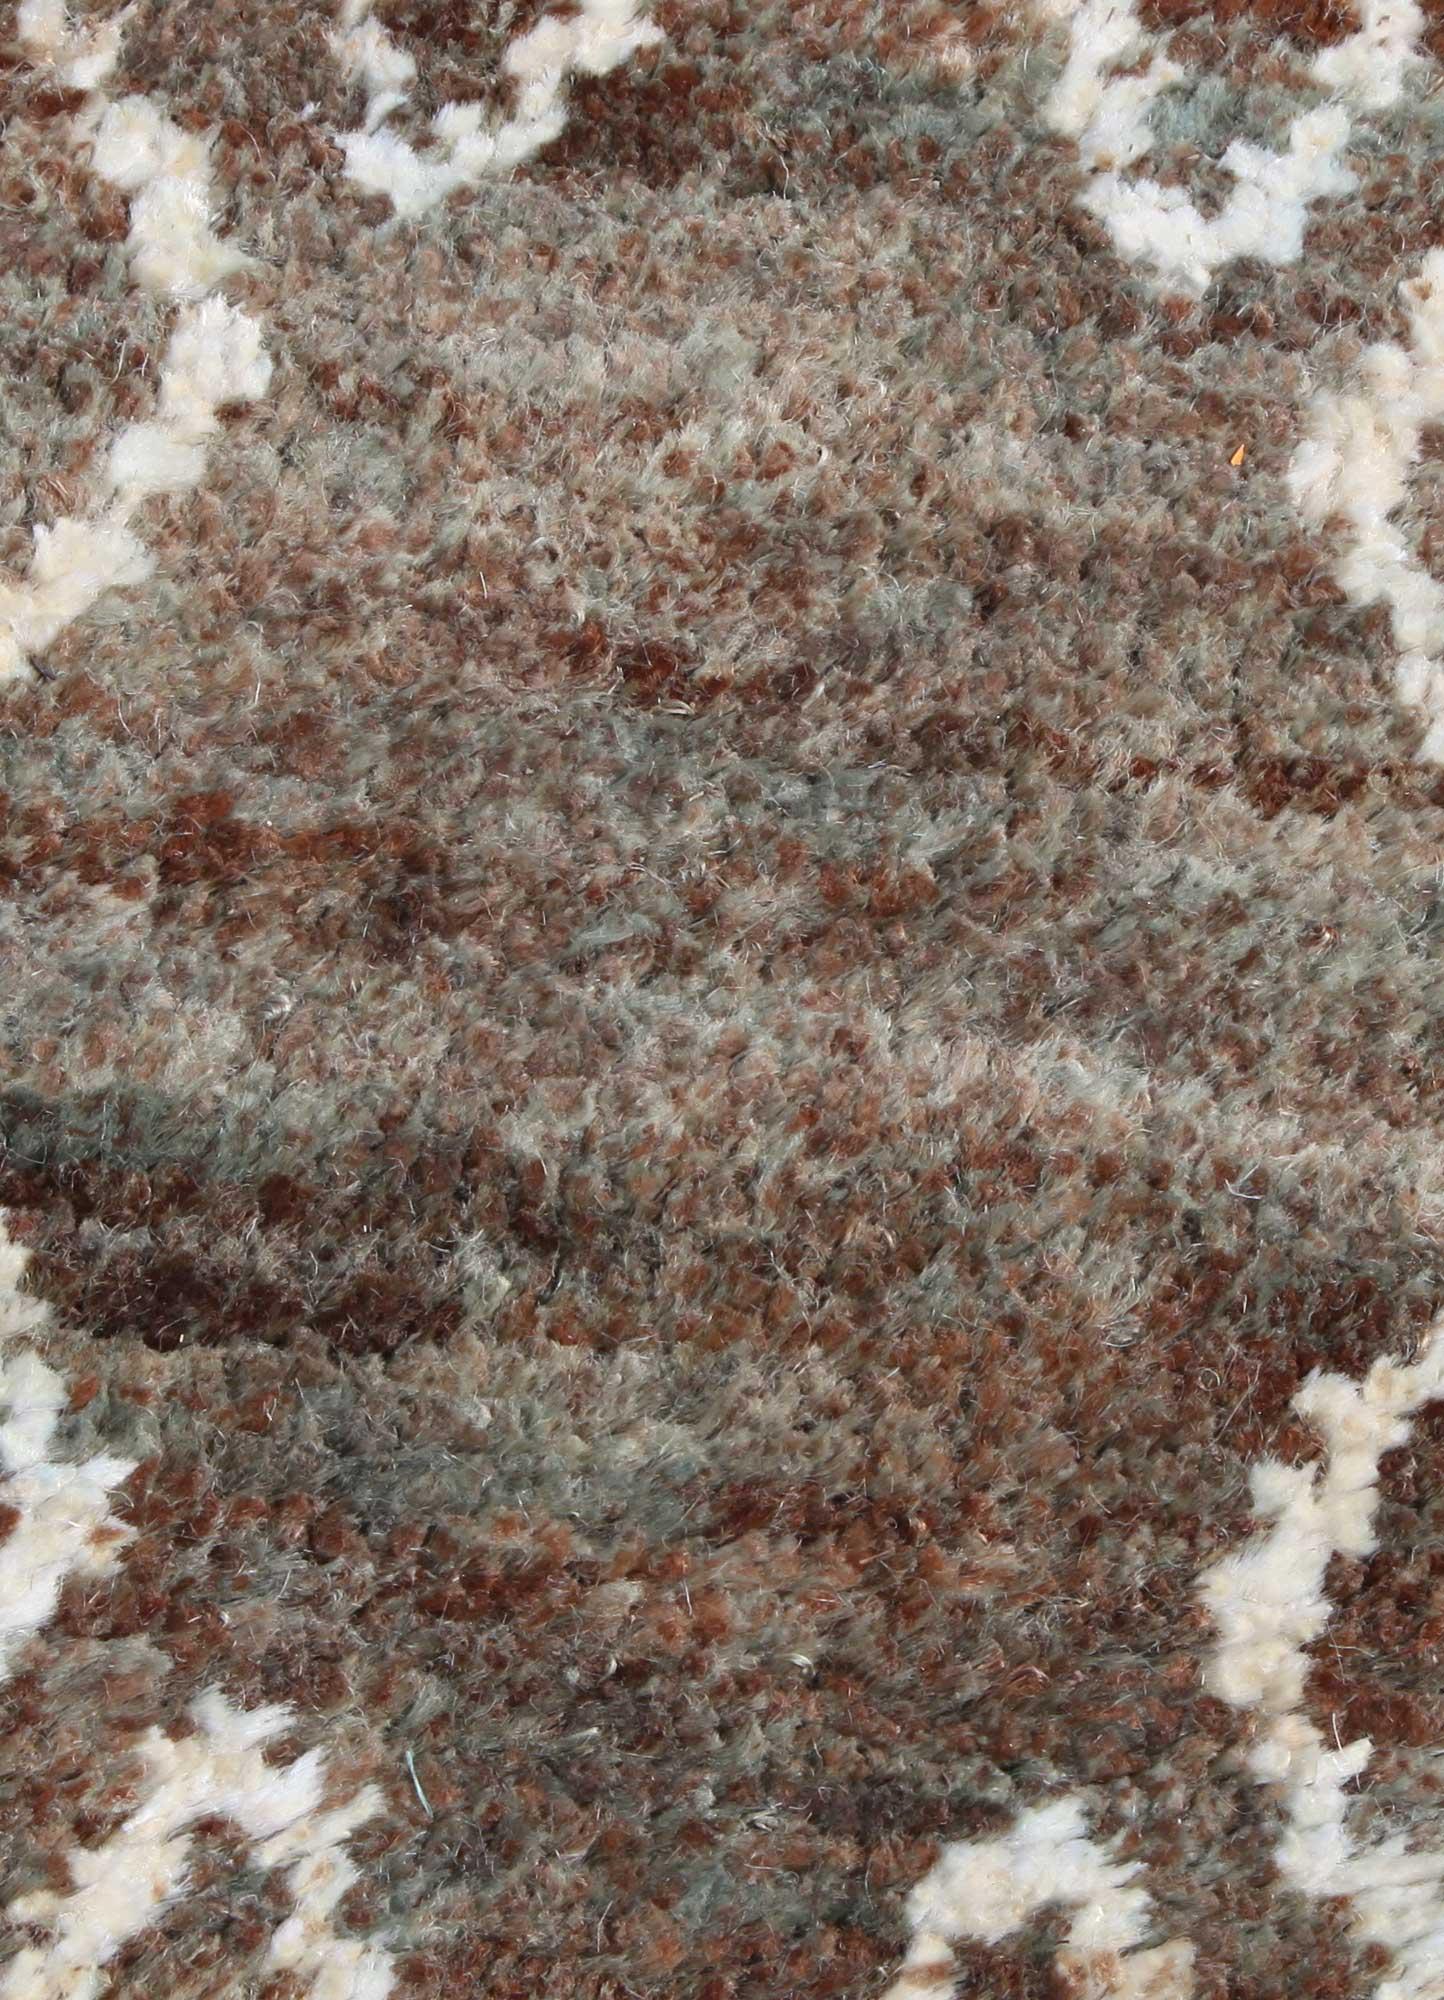 anatolia green jute and hemp jute rugs Rug - CloseUp